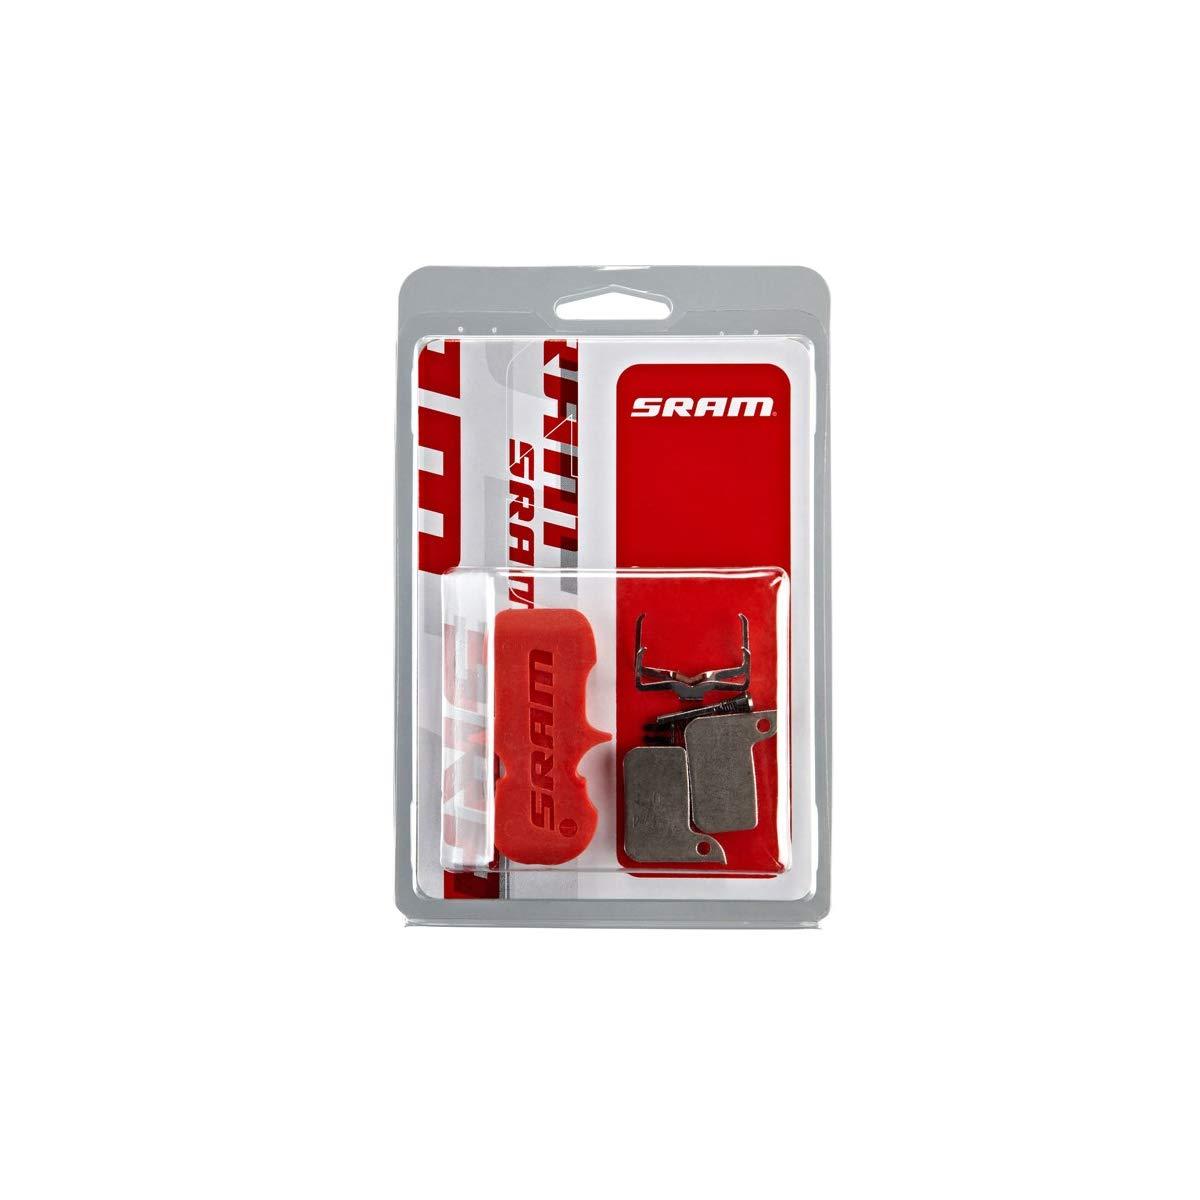 SRAM Hydraulic Road Disc Level ULT//TLM Organic//Steel Brake Pad w//o Spring /& Pin